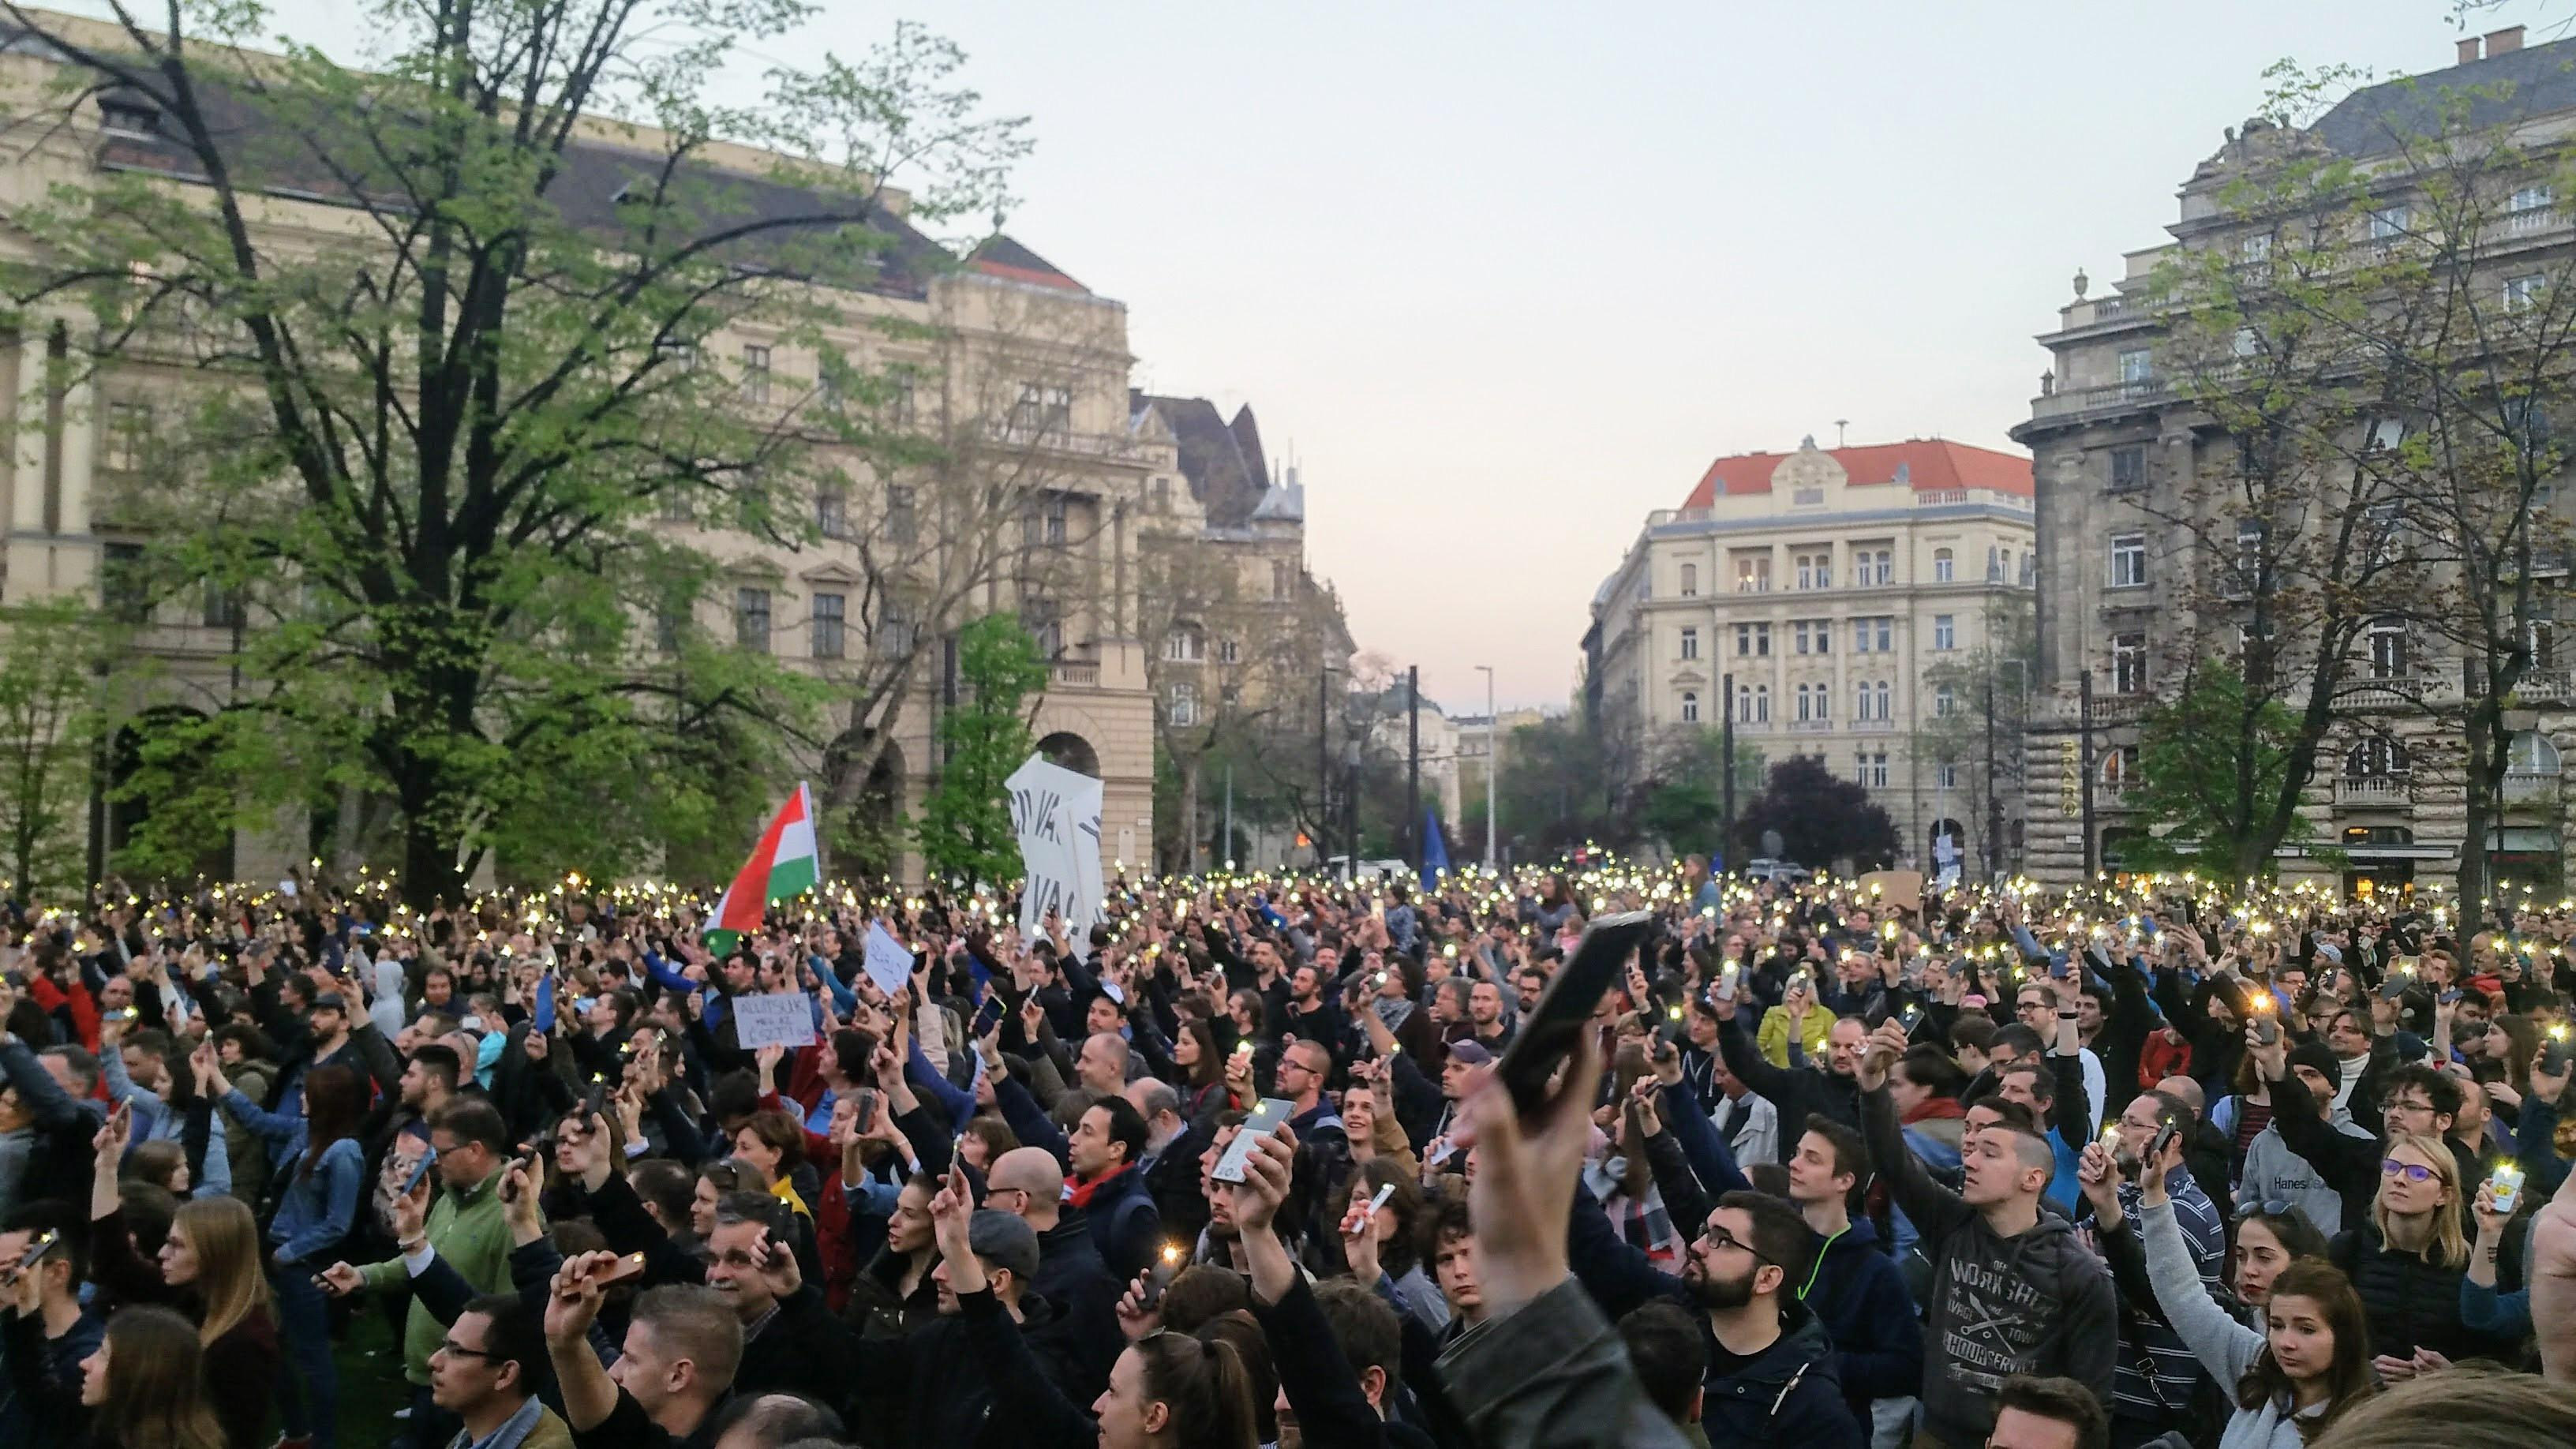 Szabad ország, szabad CEU, szabad gondolat! Tüntetés: 2017. április 9., Budapest, Ybl Miklós tér. (Készítette: Garai-Édler Eszter).